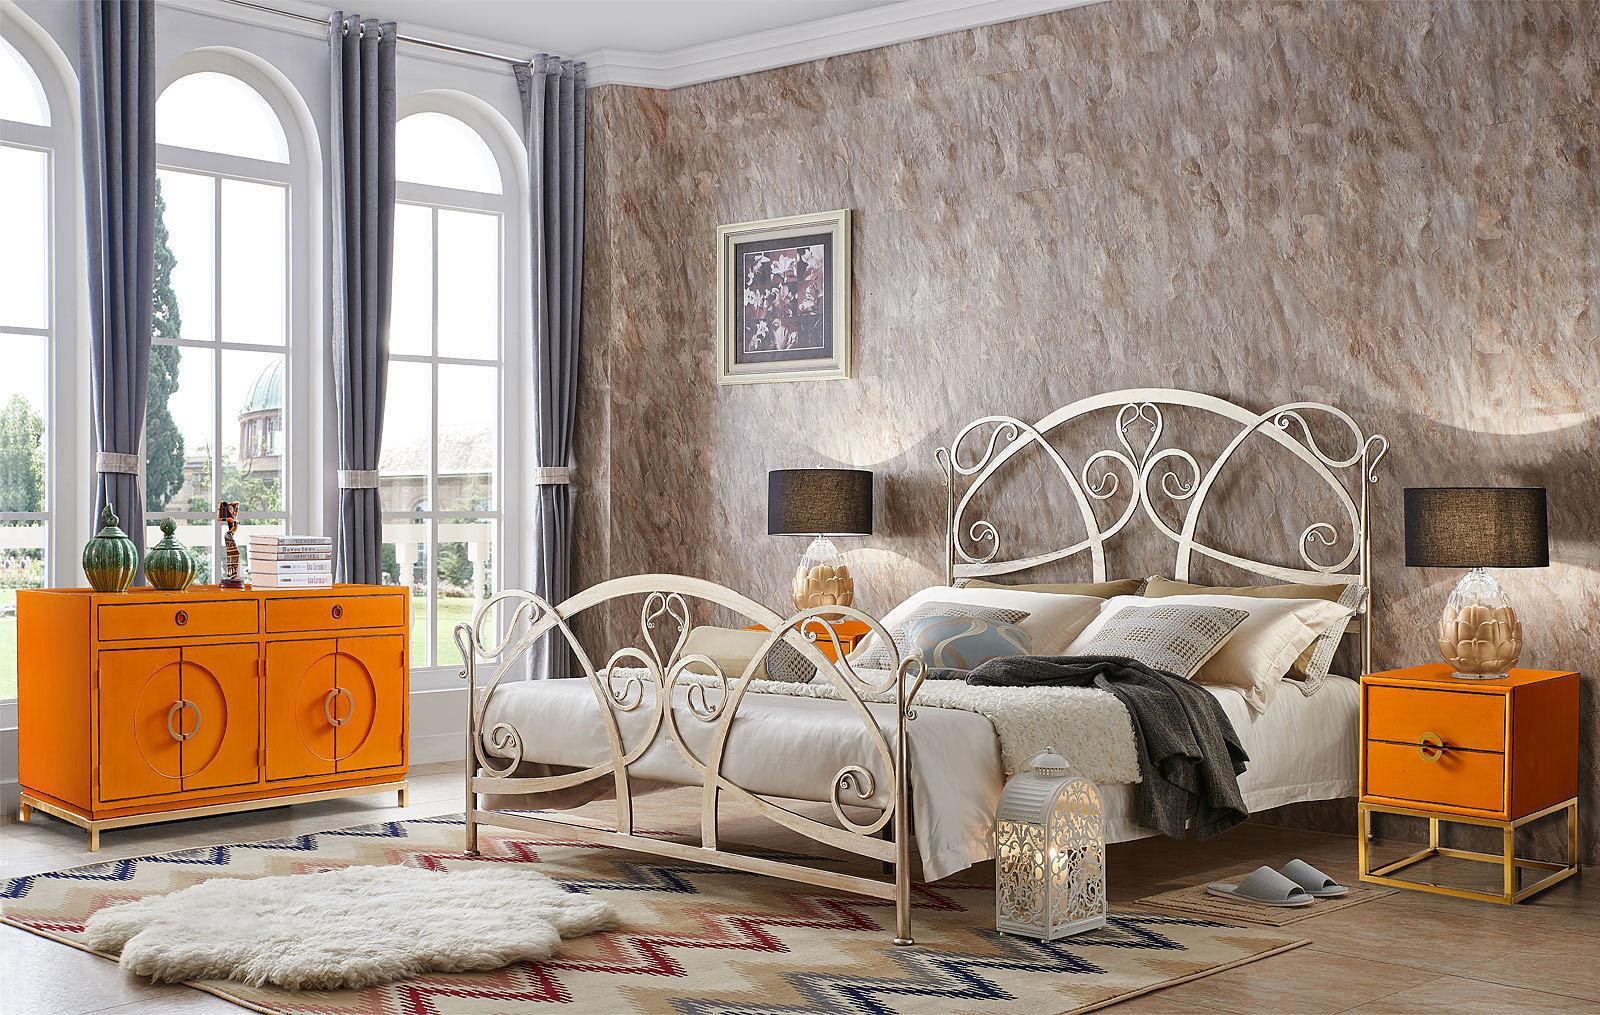 Тумба прикроватная ESF FL-7814 оранжевая, Кованая кровать TDF1606 GOLD (золото)